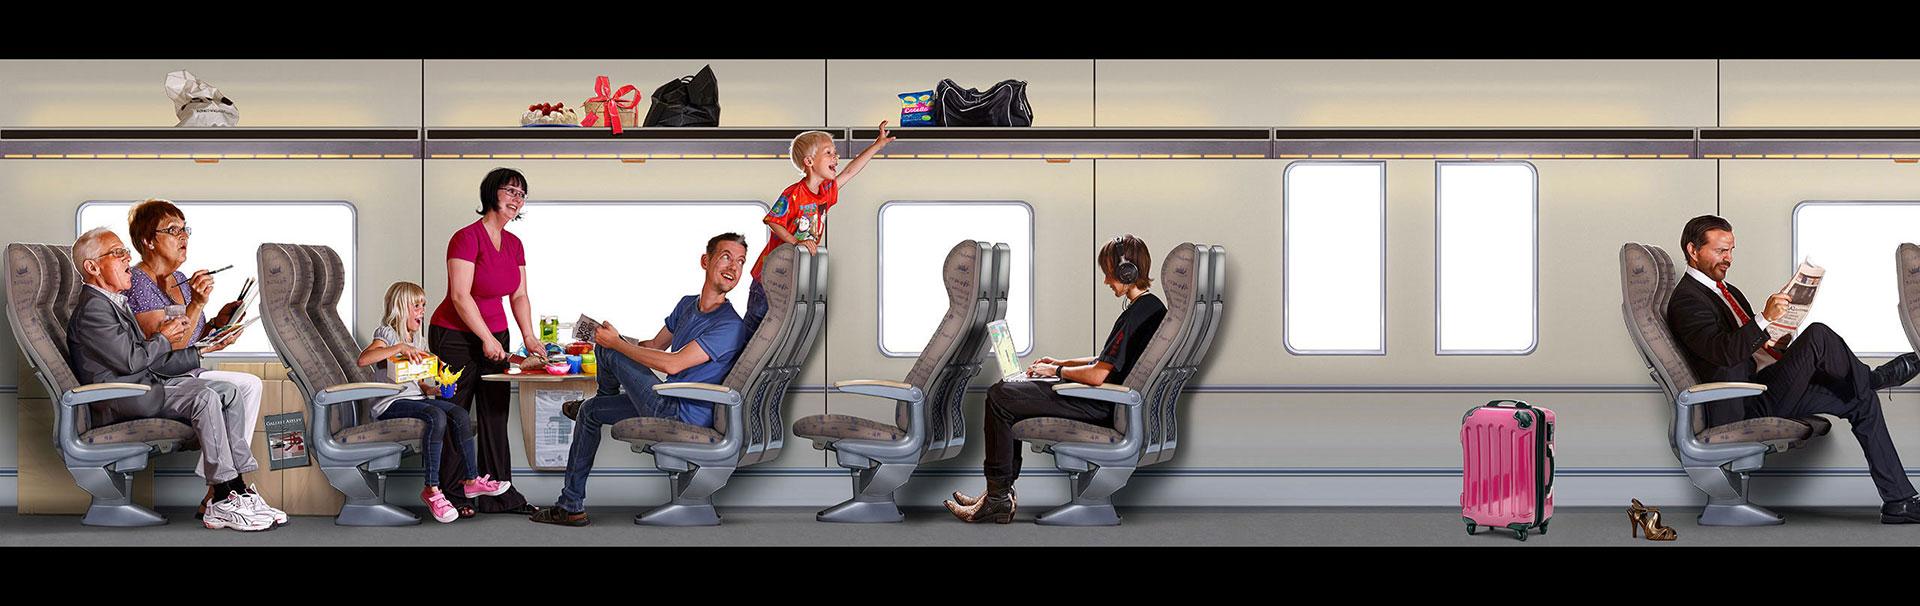 Tågdekor till Tåg i Bergslagen -del 1. Skapad på Laj illustration